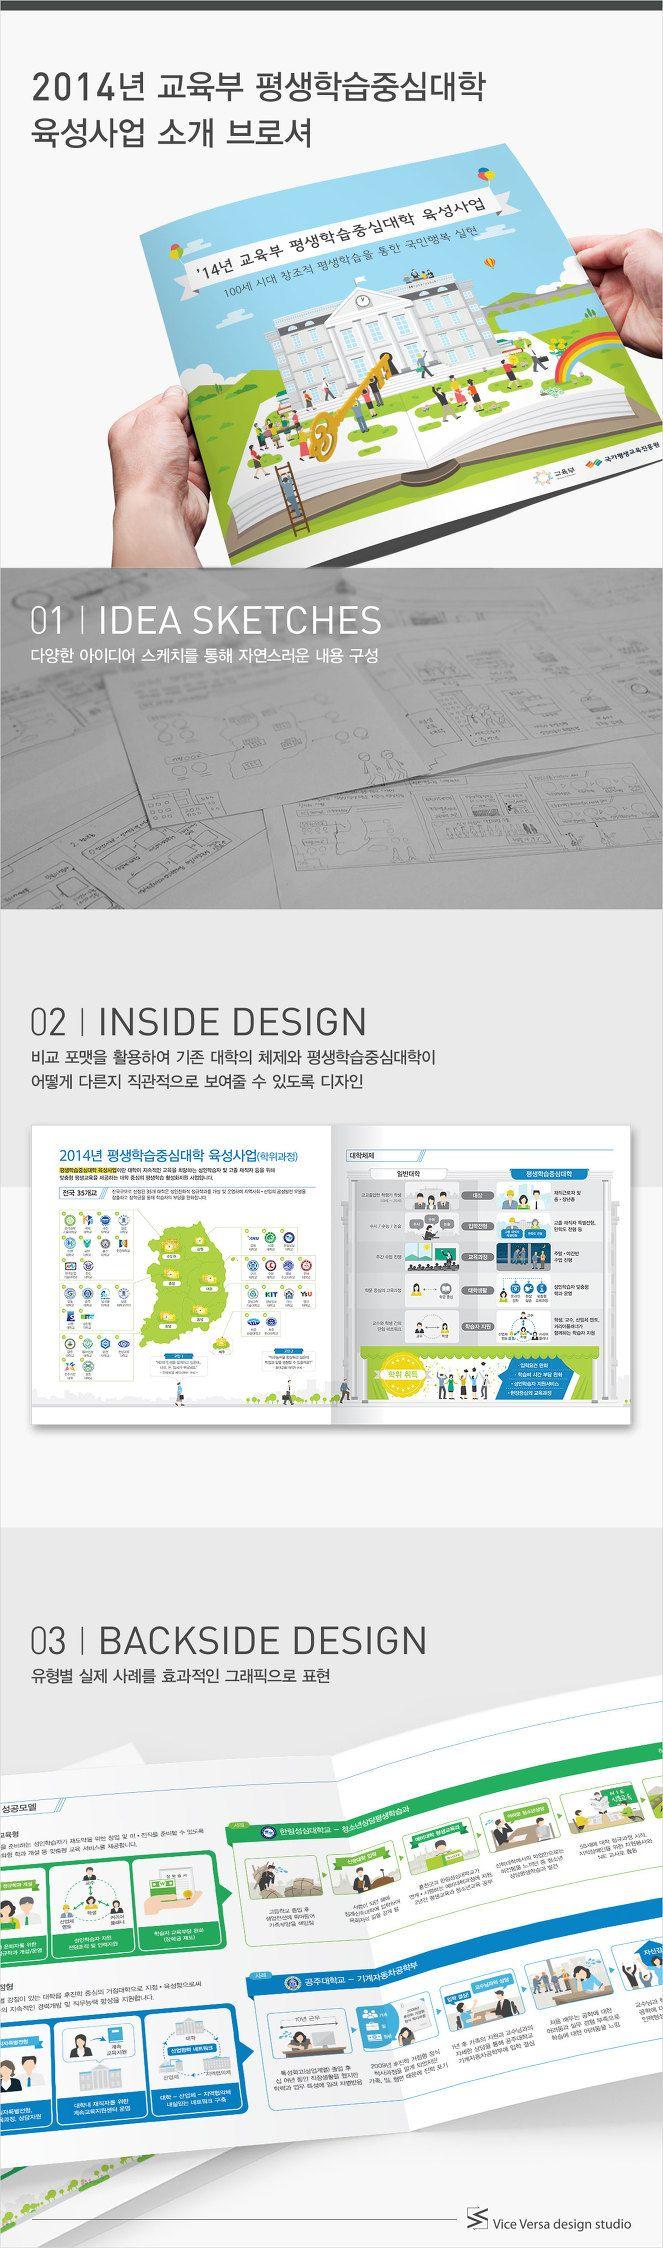 교육부 평생학습중심대학 육성사업에 관한 인포그래픽